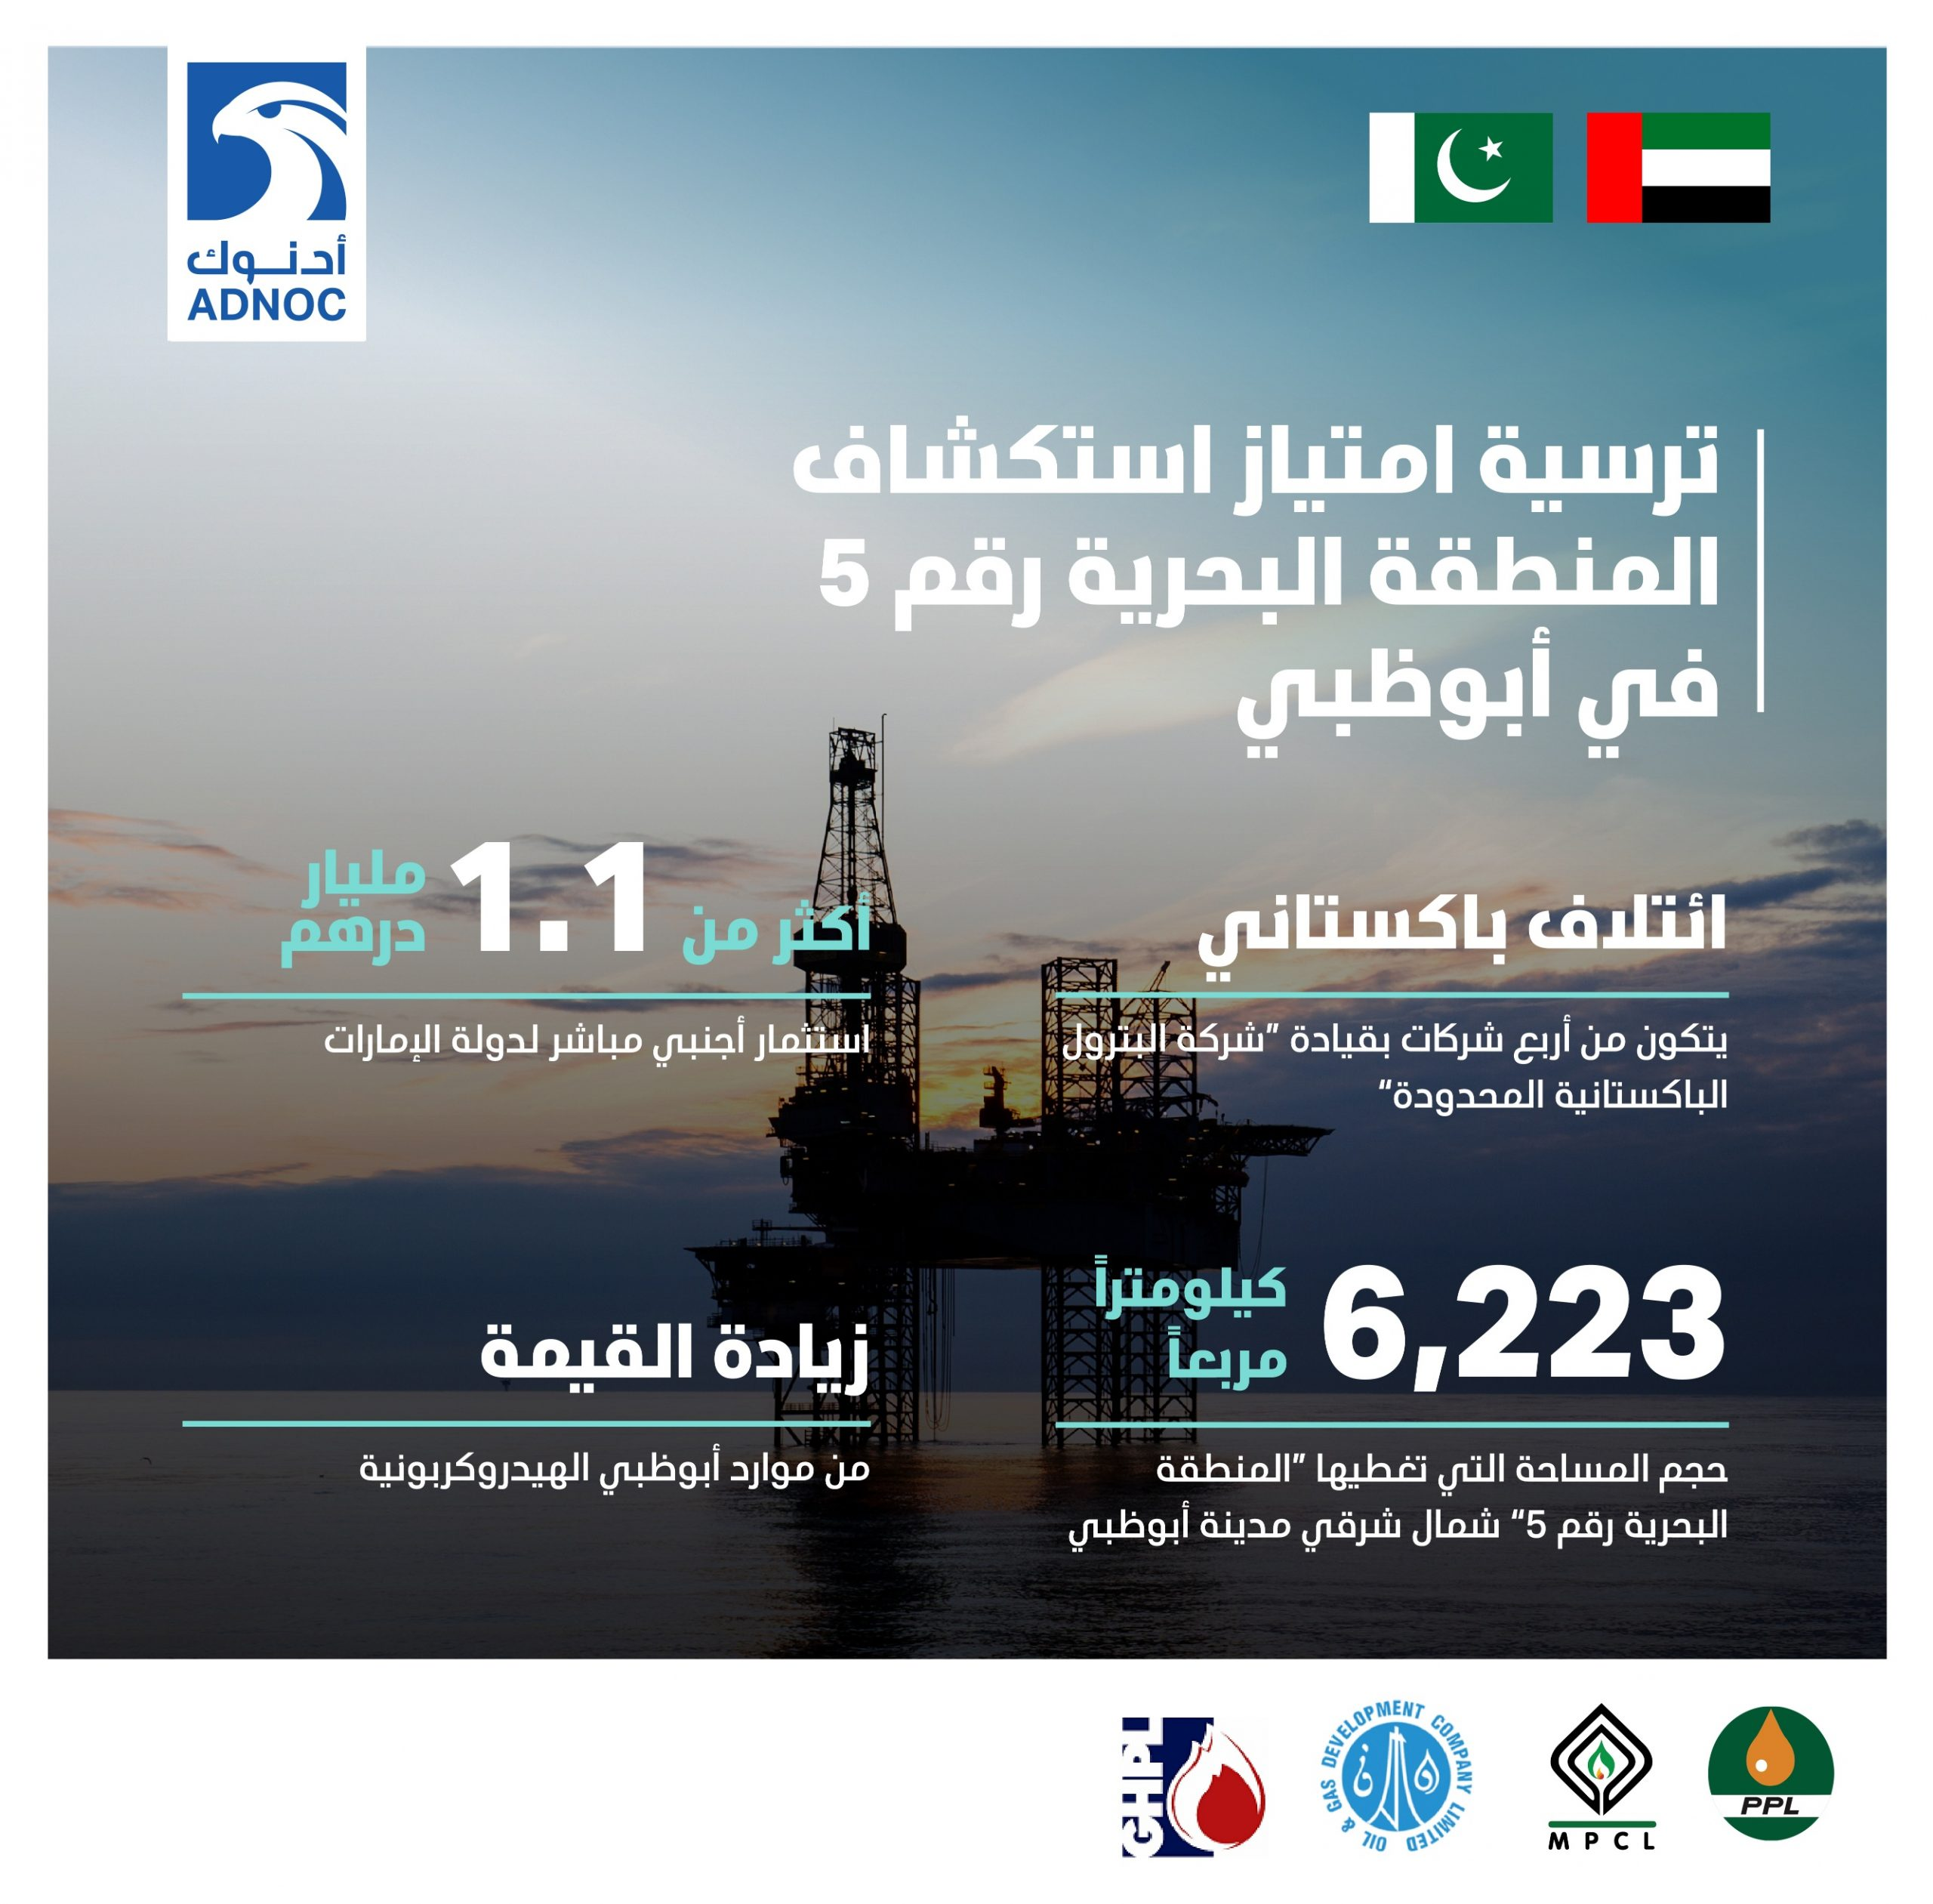 امتياز استكشاف النفط والغاز